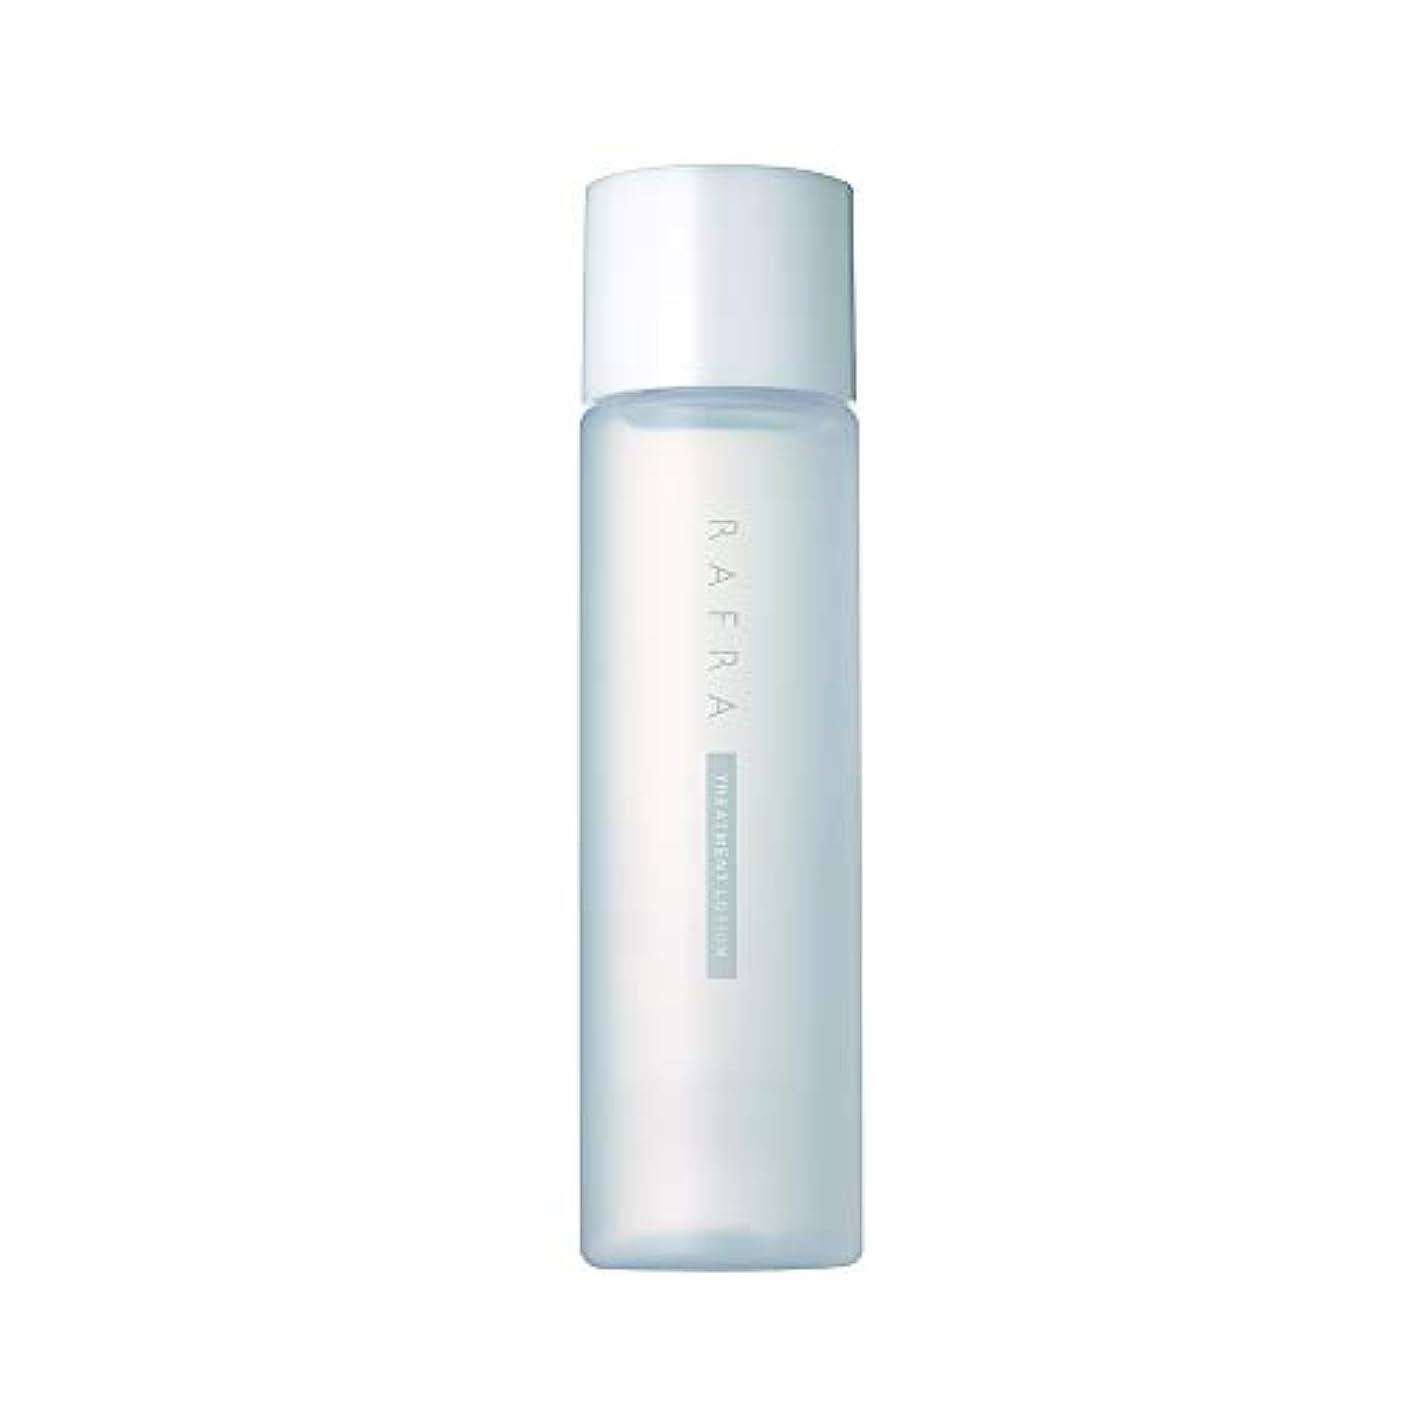 量即席アラームラフラ トリートメントローション 150ml 化粧水 ブースター 導入液